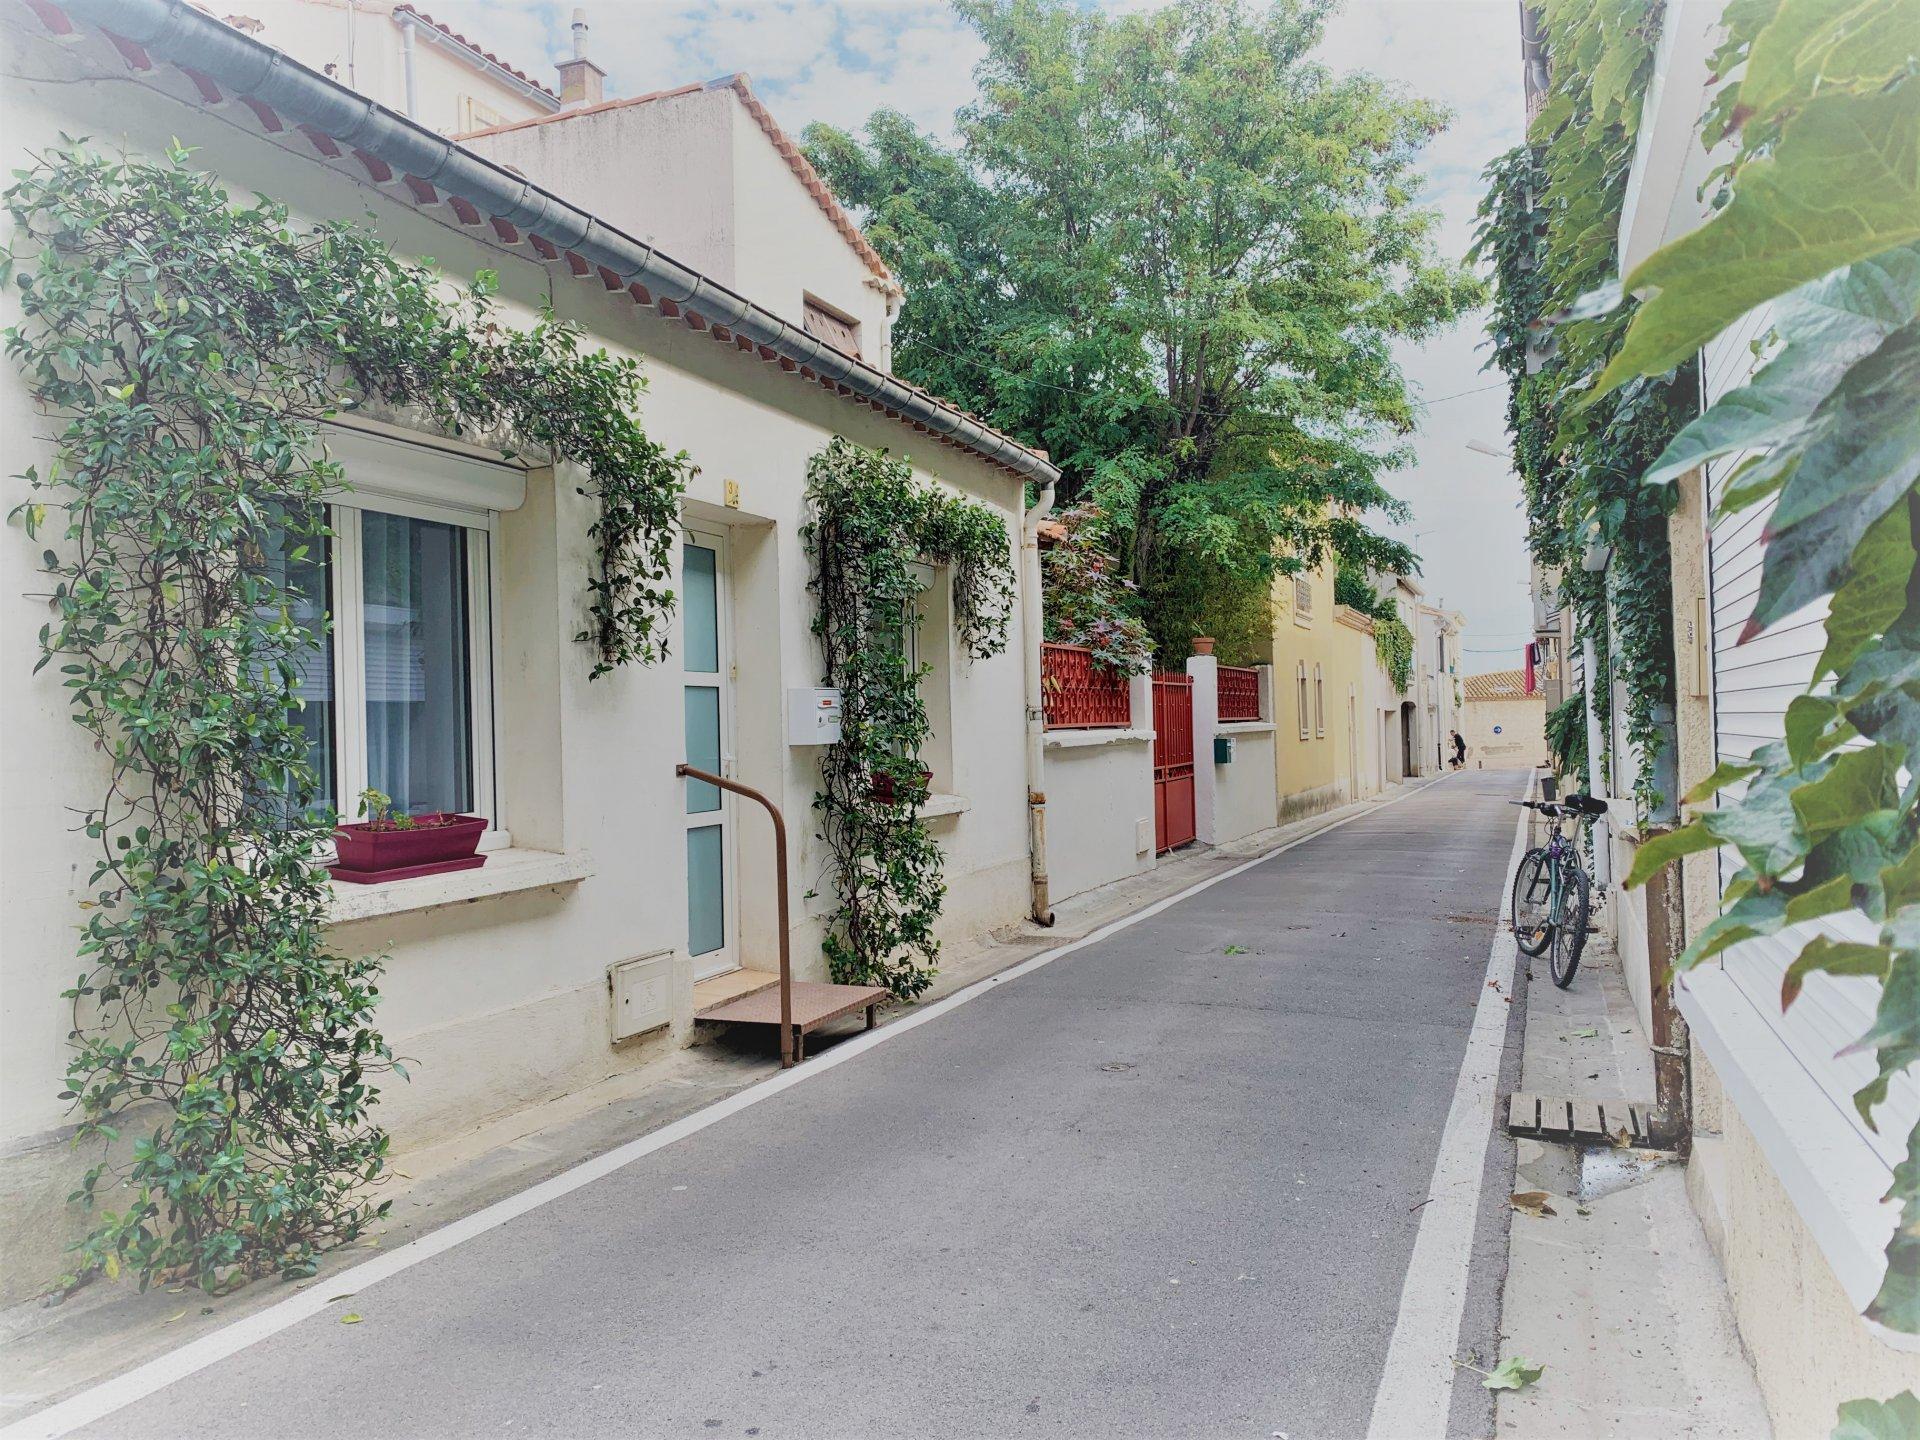 Vendue louée jolie maison de village T2 avec cour